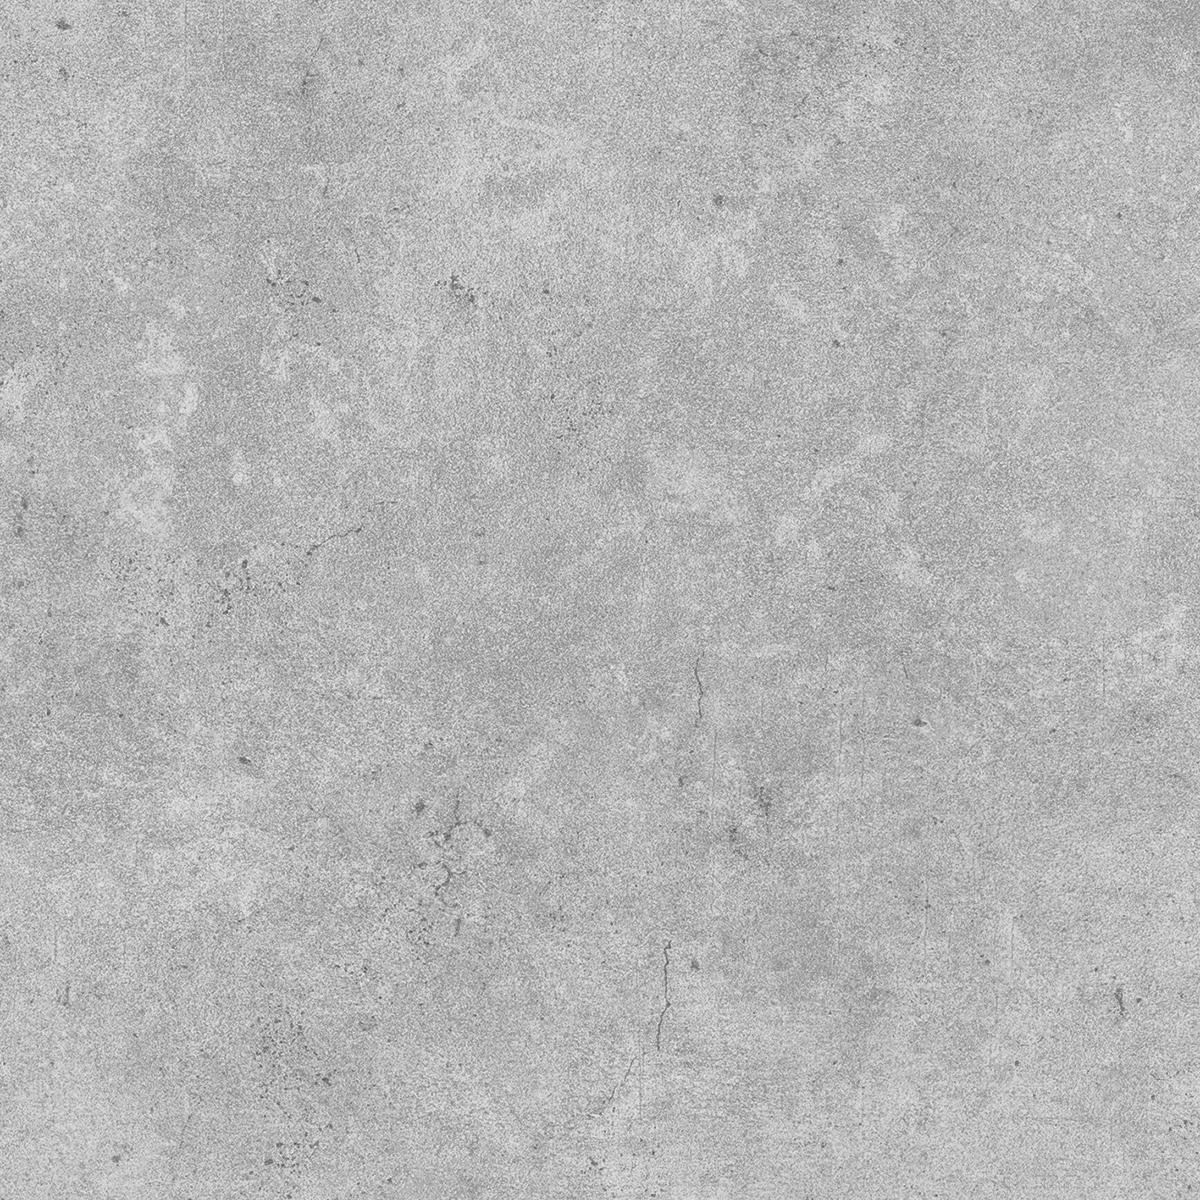 BROOKLYN grau Image